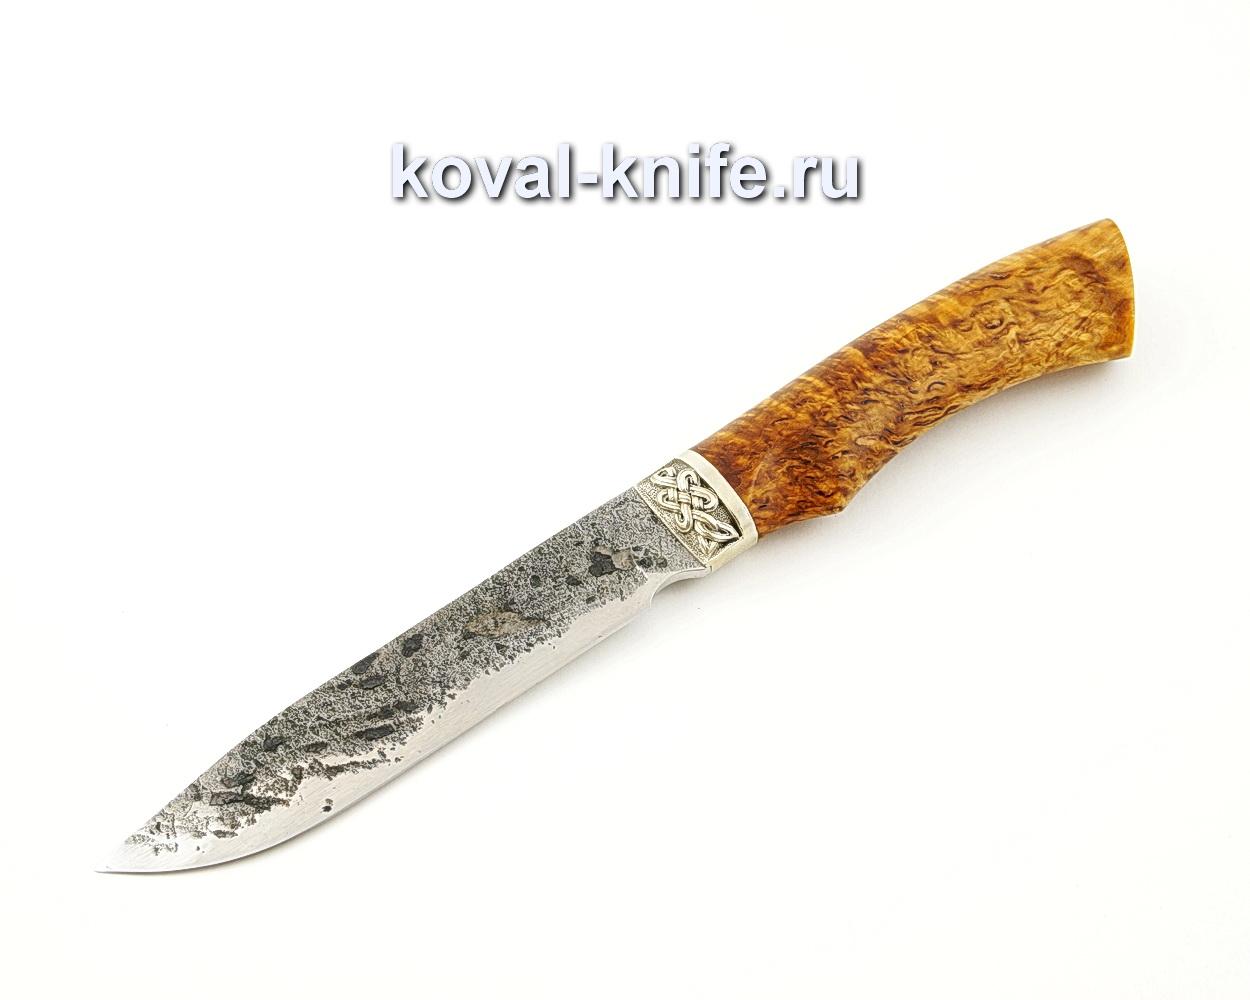 Нож Турист из кованой стали 9ХС с рукоятью из стабилизированной карельской березы, притин мельхиор A534